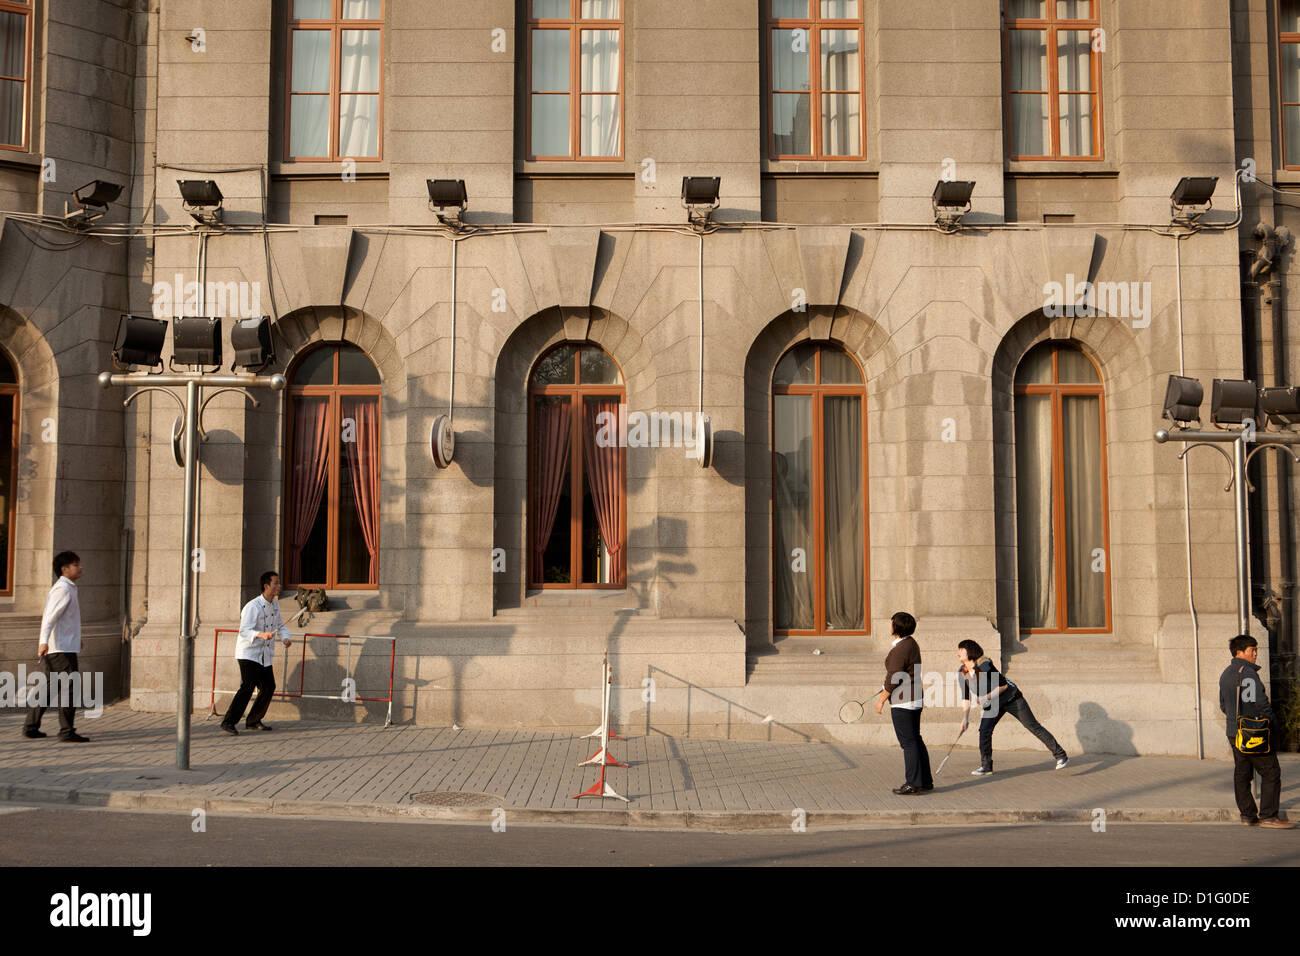 Persone che giocano a badminton sulla strada a Shanghai. Cina 2009 Immagini Stock